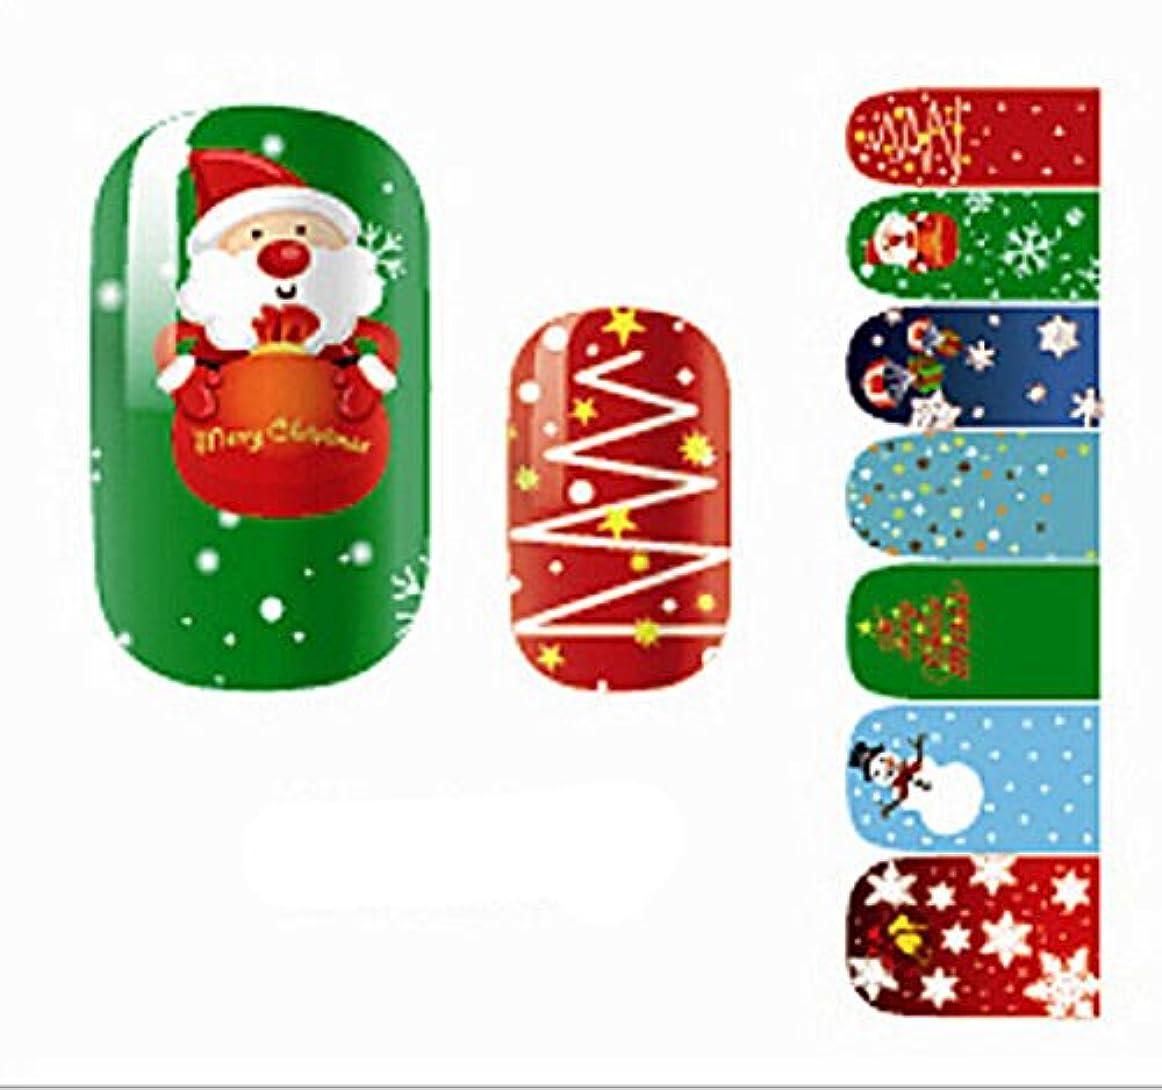 モジュールどこでも女優Happyハッピー耳 14枚7ペア/セット 可愛いネイルシール クリスマス サンタクロース 雪 海軍風 ウサギ 混合柄 薄い レディース 子供に適用 (クリスマス風)